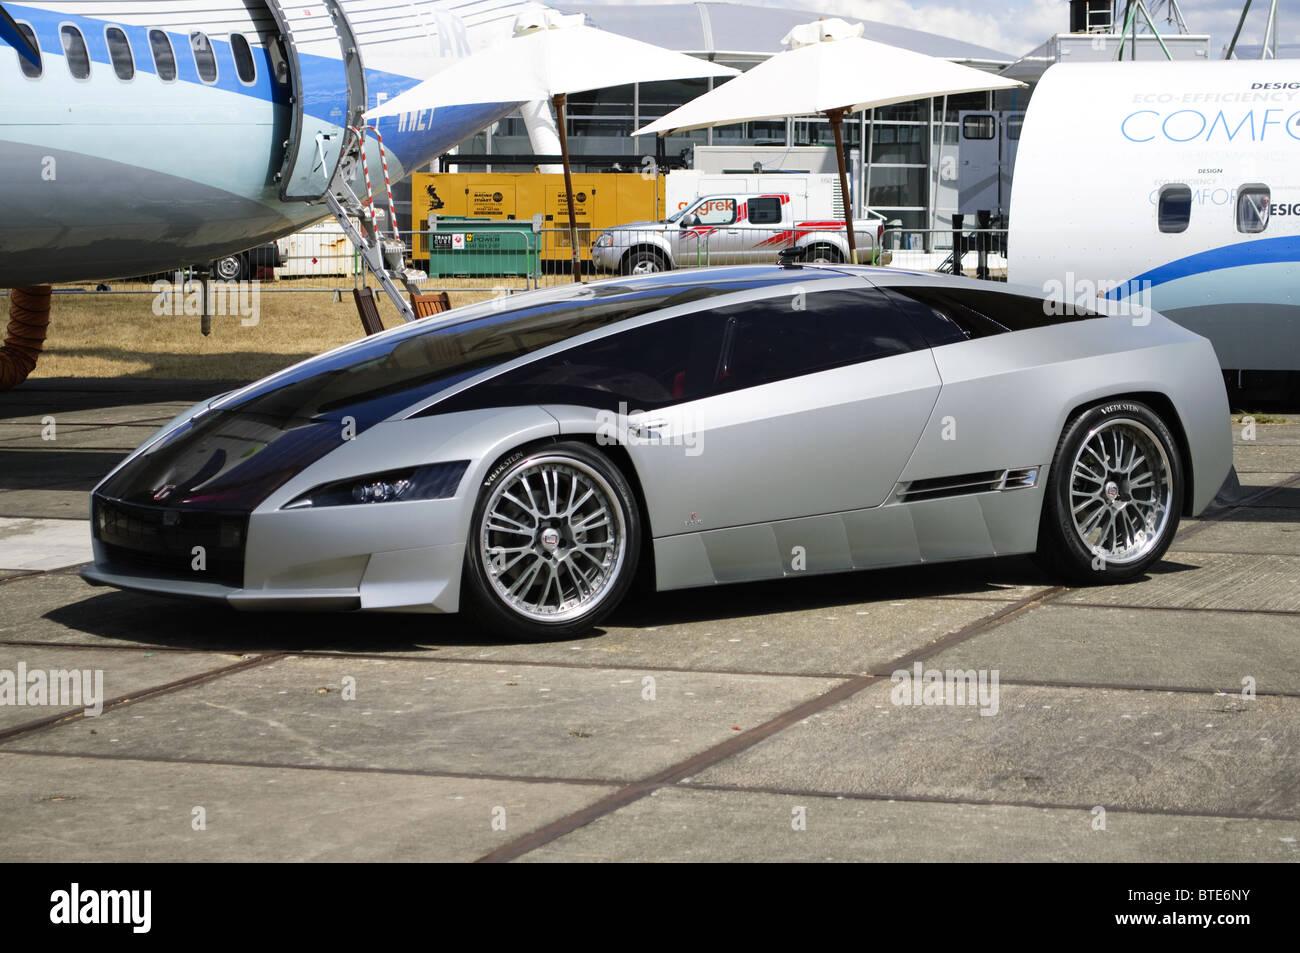 Italdesign Qaranta hybrid-powered concept car, progettato da Fabrizio Giugiaro, sul display a Farnborough Airshow Immagini Stock